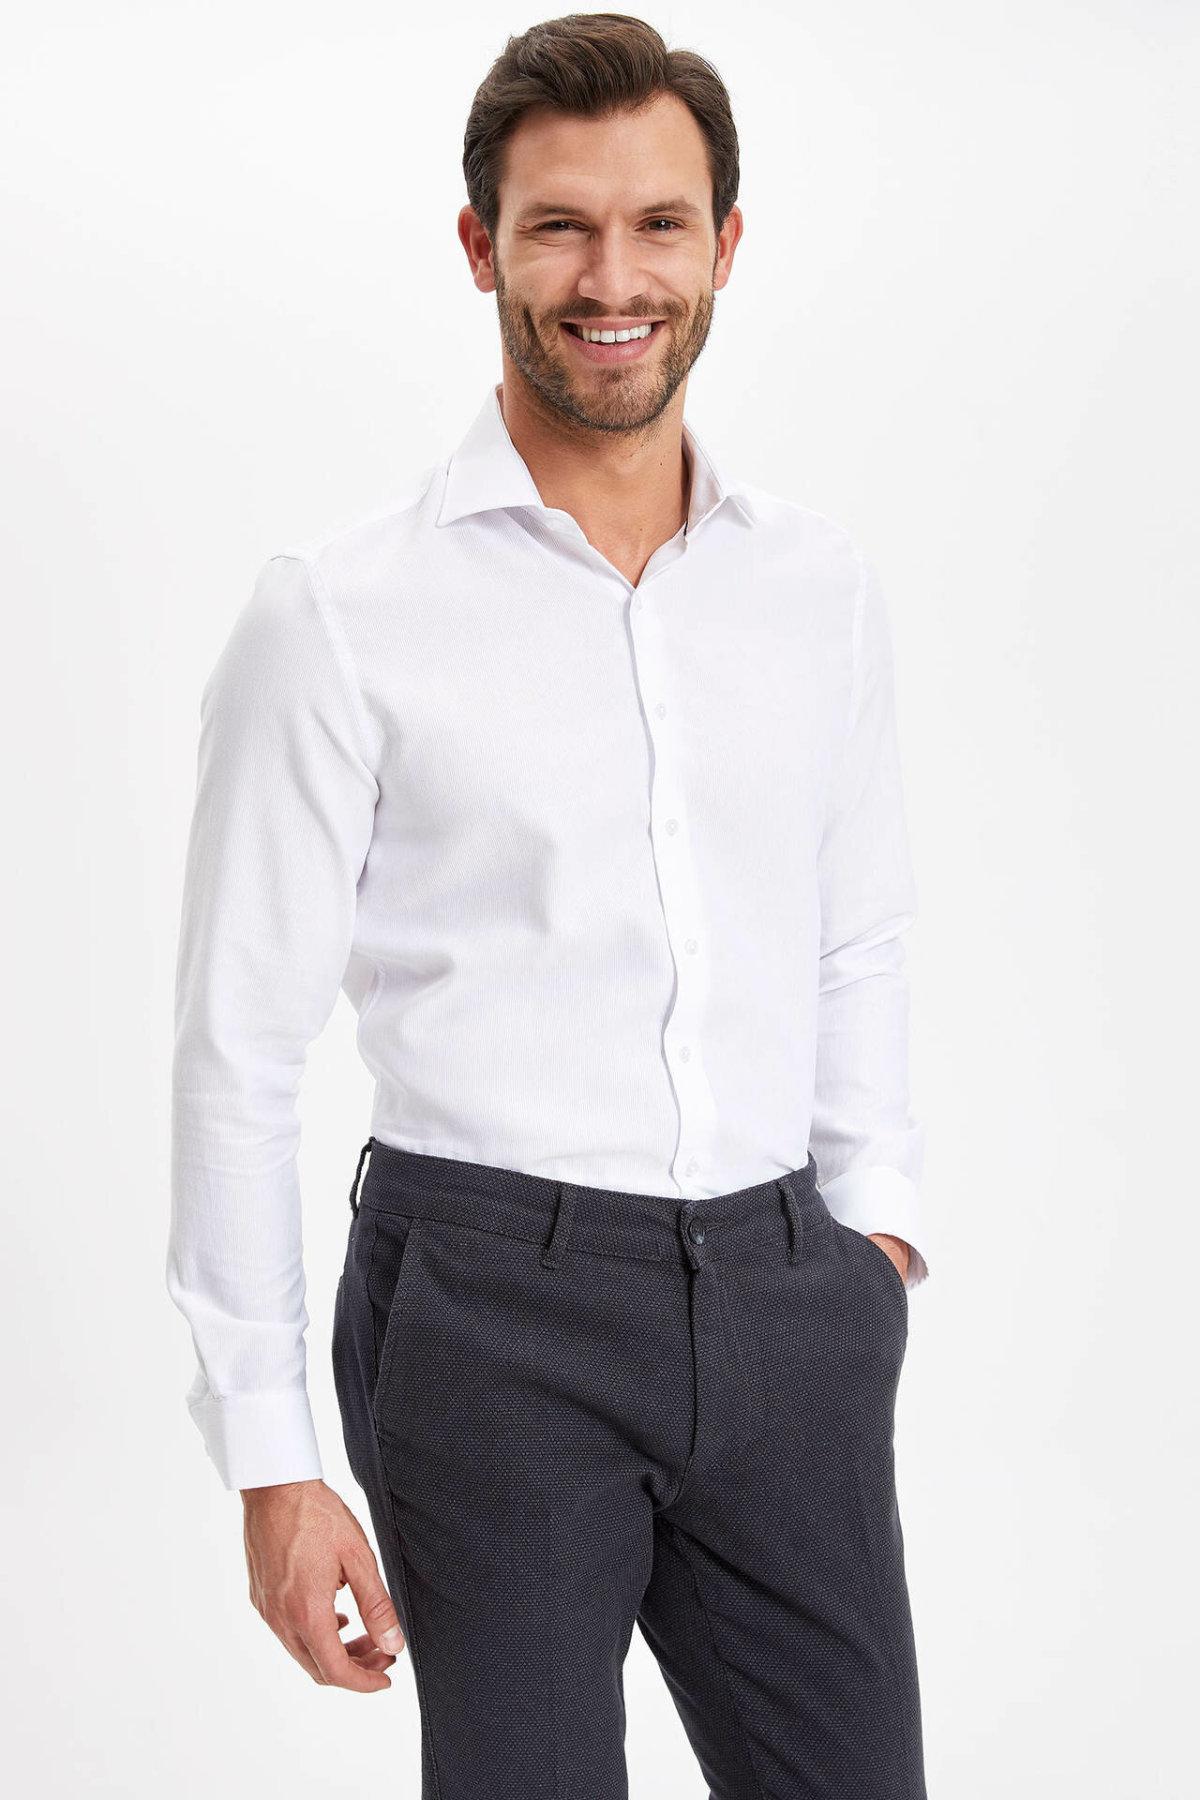 DeFacto Men Formal White Shirt Casual Woven Top Long Sleeve Shirt Office Business Wear Top Shirt New - K6572AZ19SMWT34-K6572AZ19SM